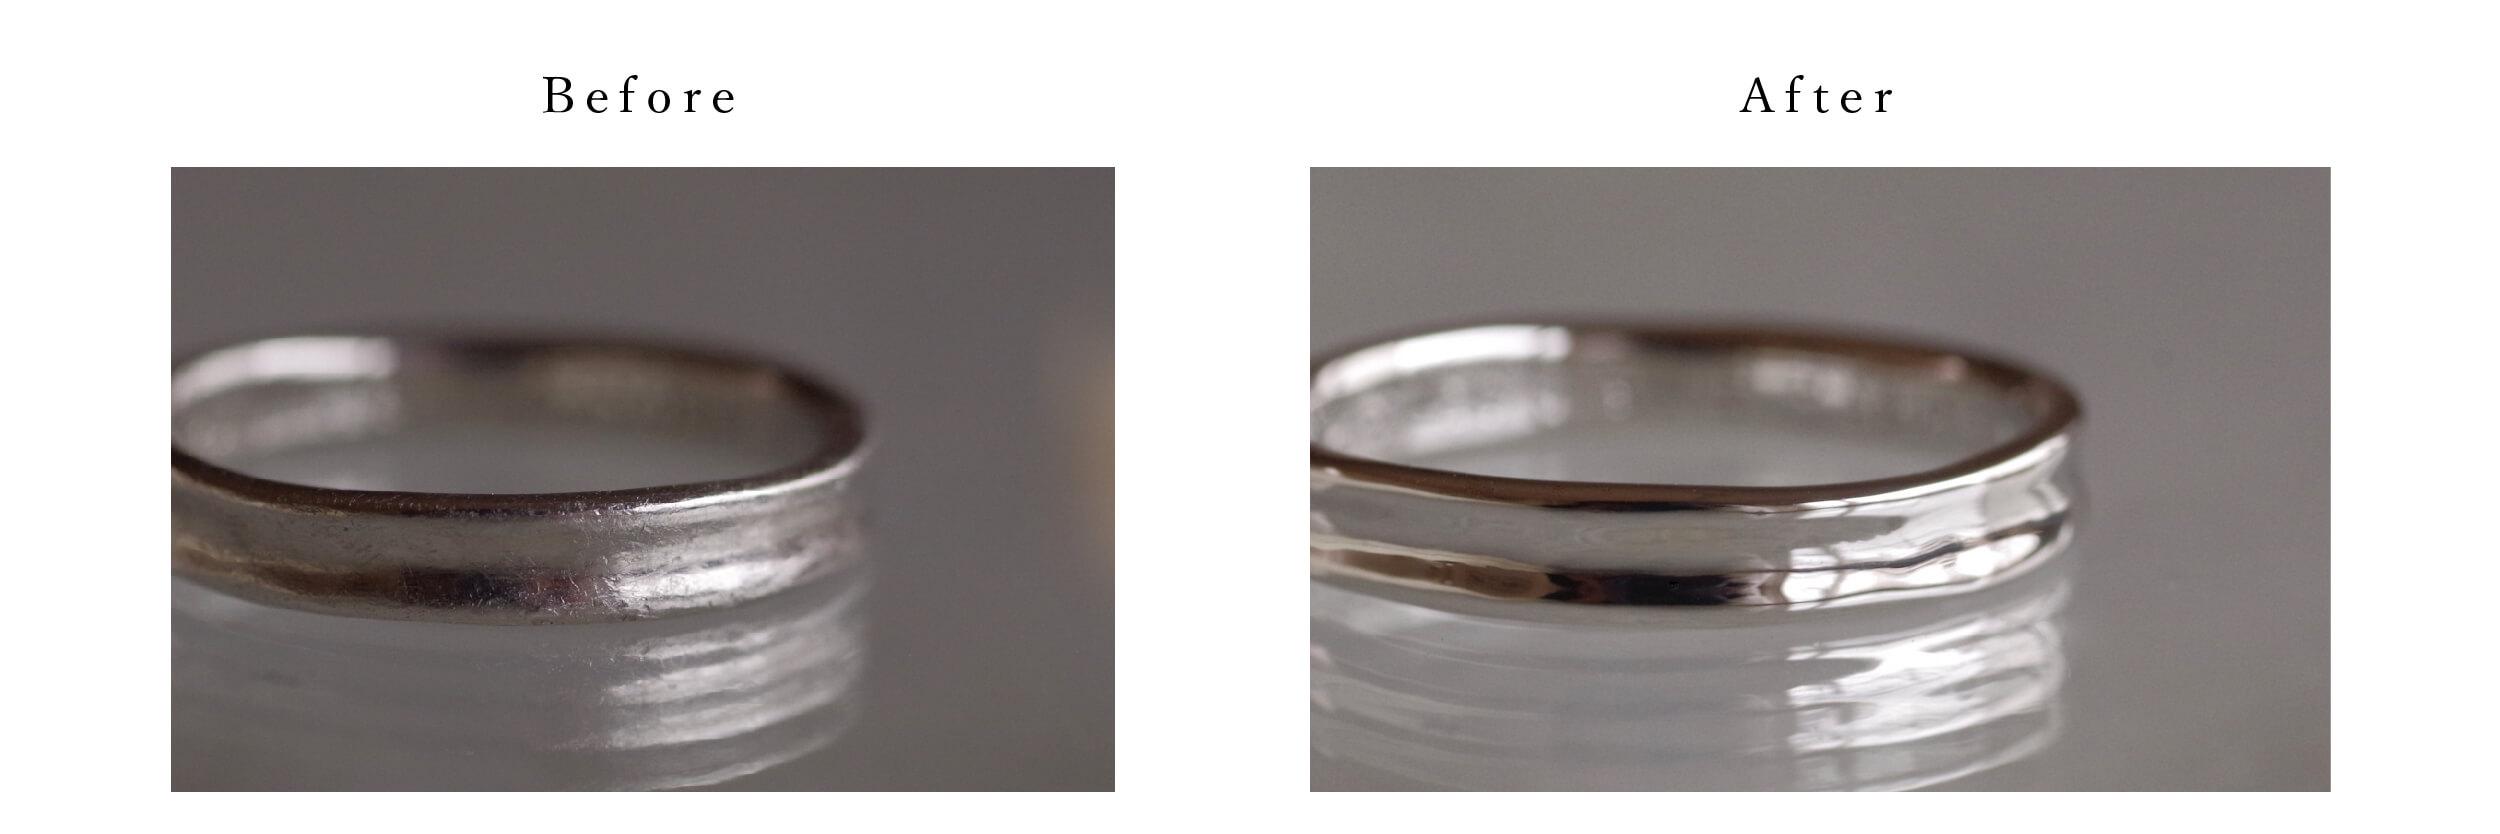 結婚指輪 オーダーメイド アフターサービス 磨き直し 比較